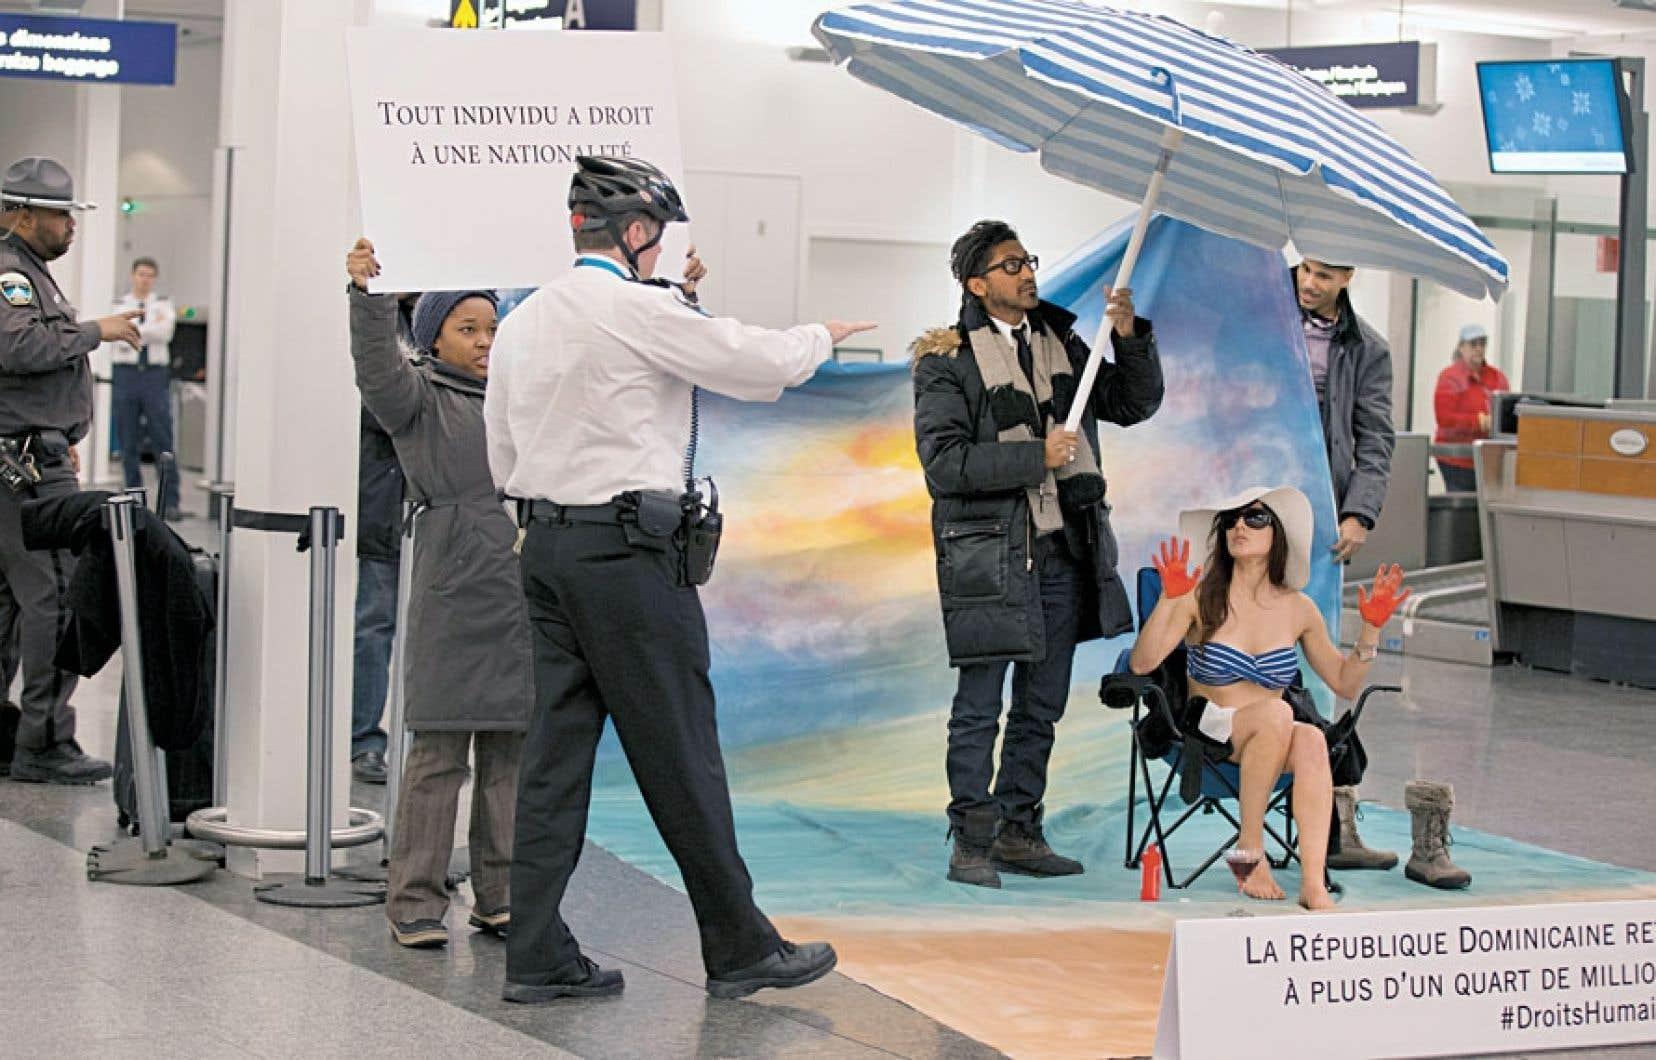 Quinze militants, dont le comédien et animateur AngeLo Cadet, ont orchestré une mise en scène pour sensibiliser les touristes québécois au sort de milliers de Dominicains.